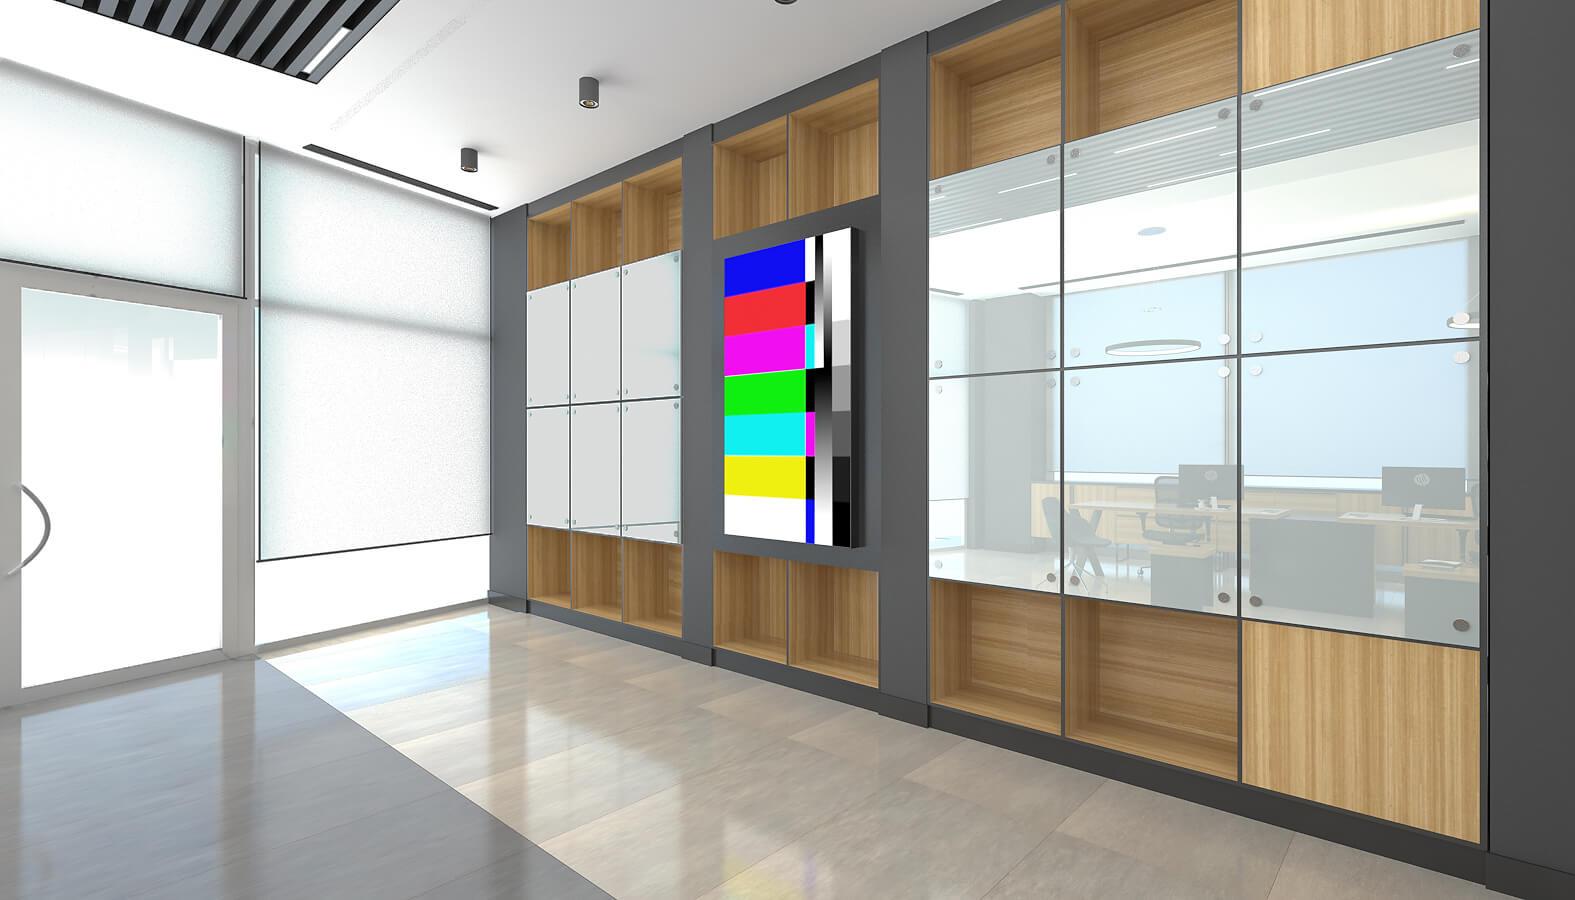 elektrik mağazası tasarımları 3524 2B Enerji Perakende